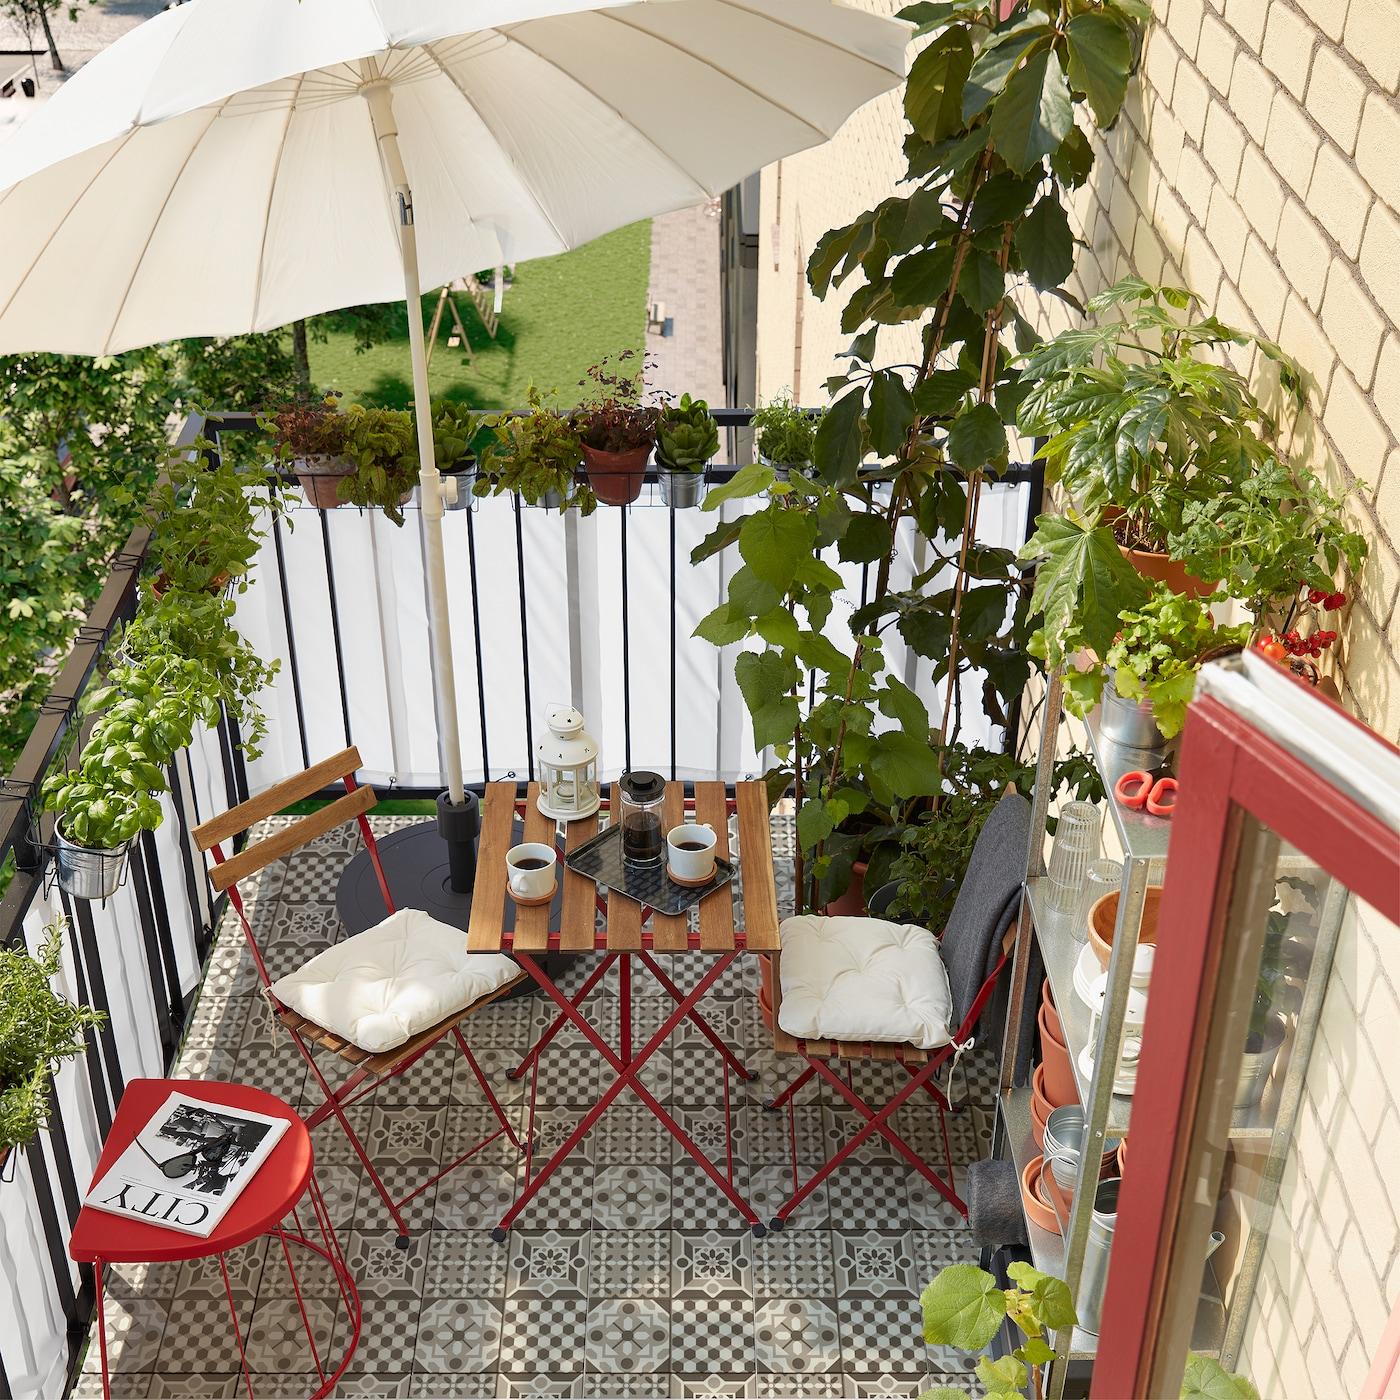 Een klein balkon met veel kruiden en planten, een rode kruk, een witte parasol en twee stoelen en een inklapbare tafel.